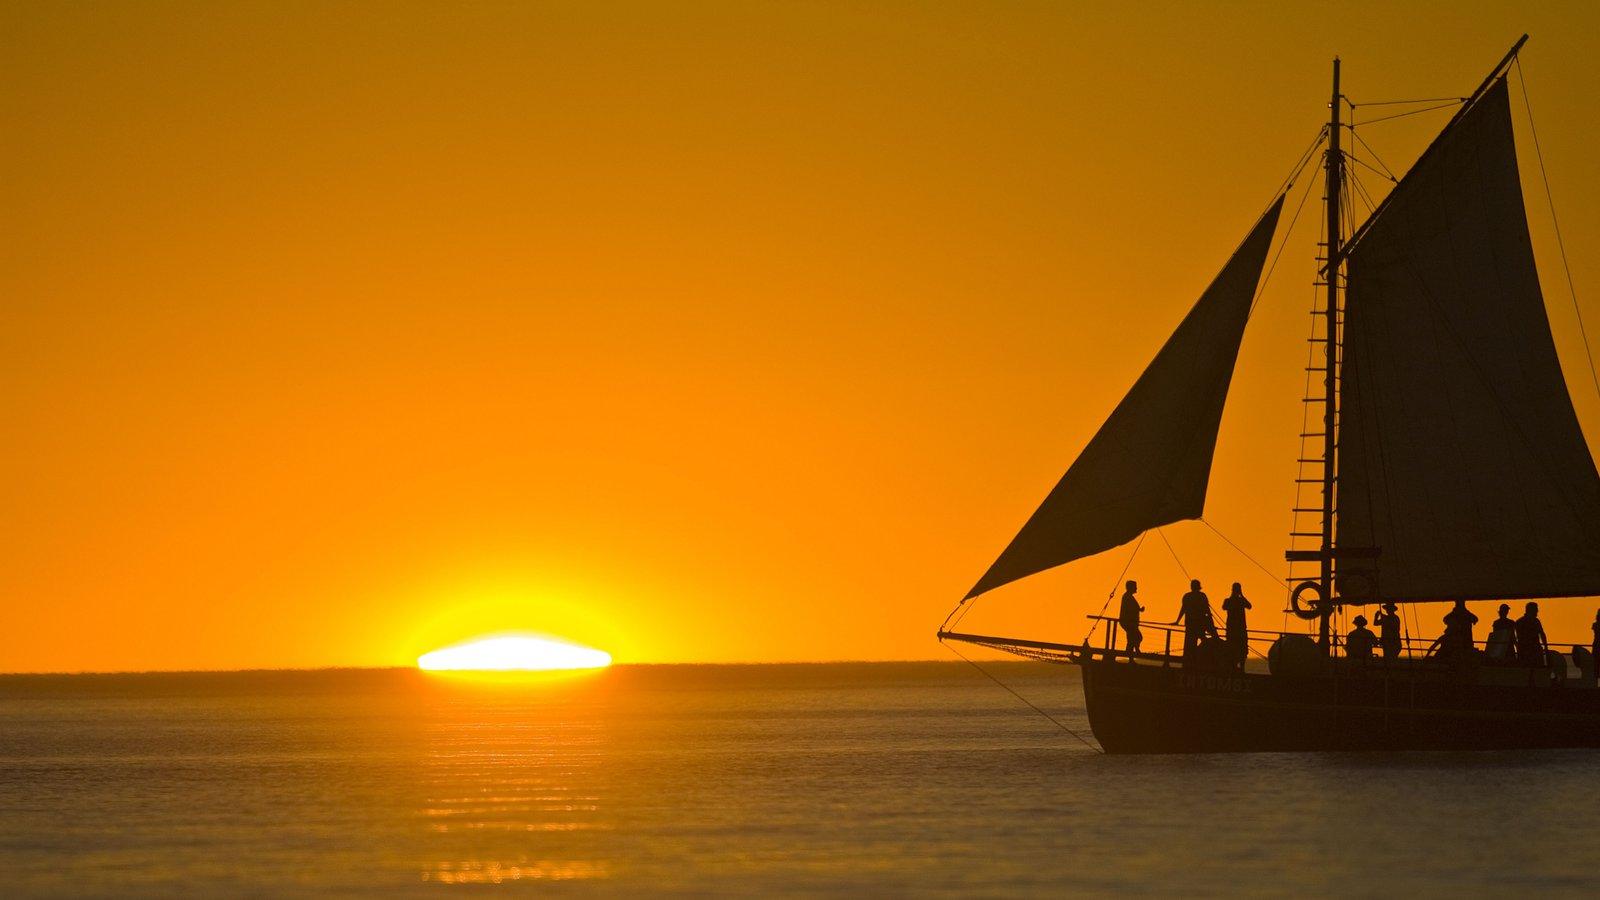 Broome que incluye una puesta de sol, vistas generales de la costa y navegación